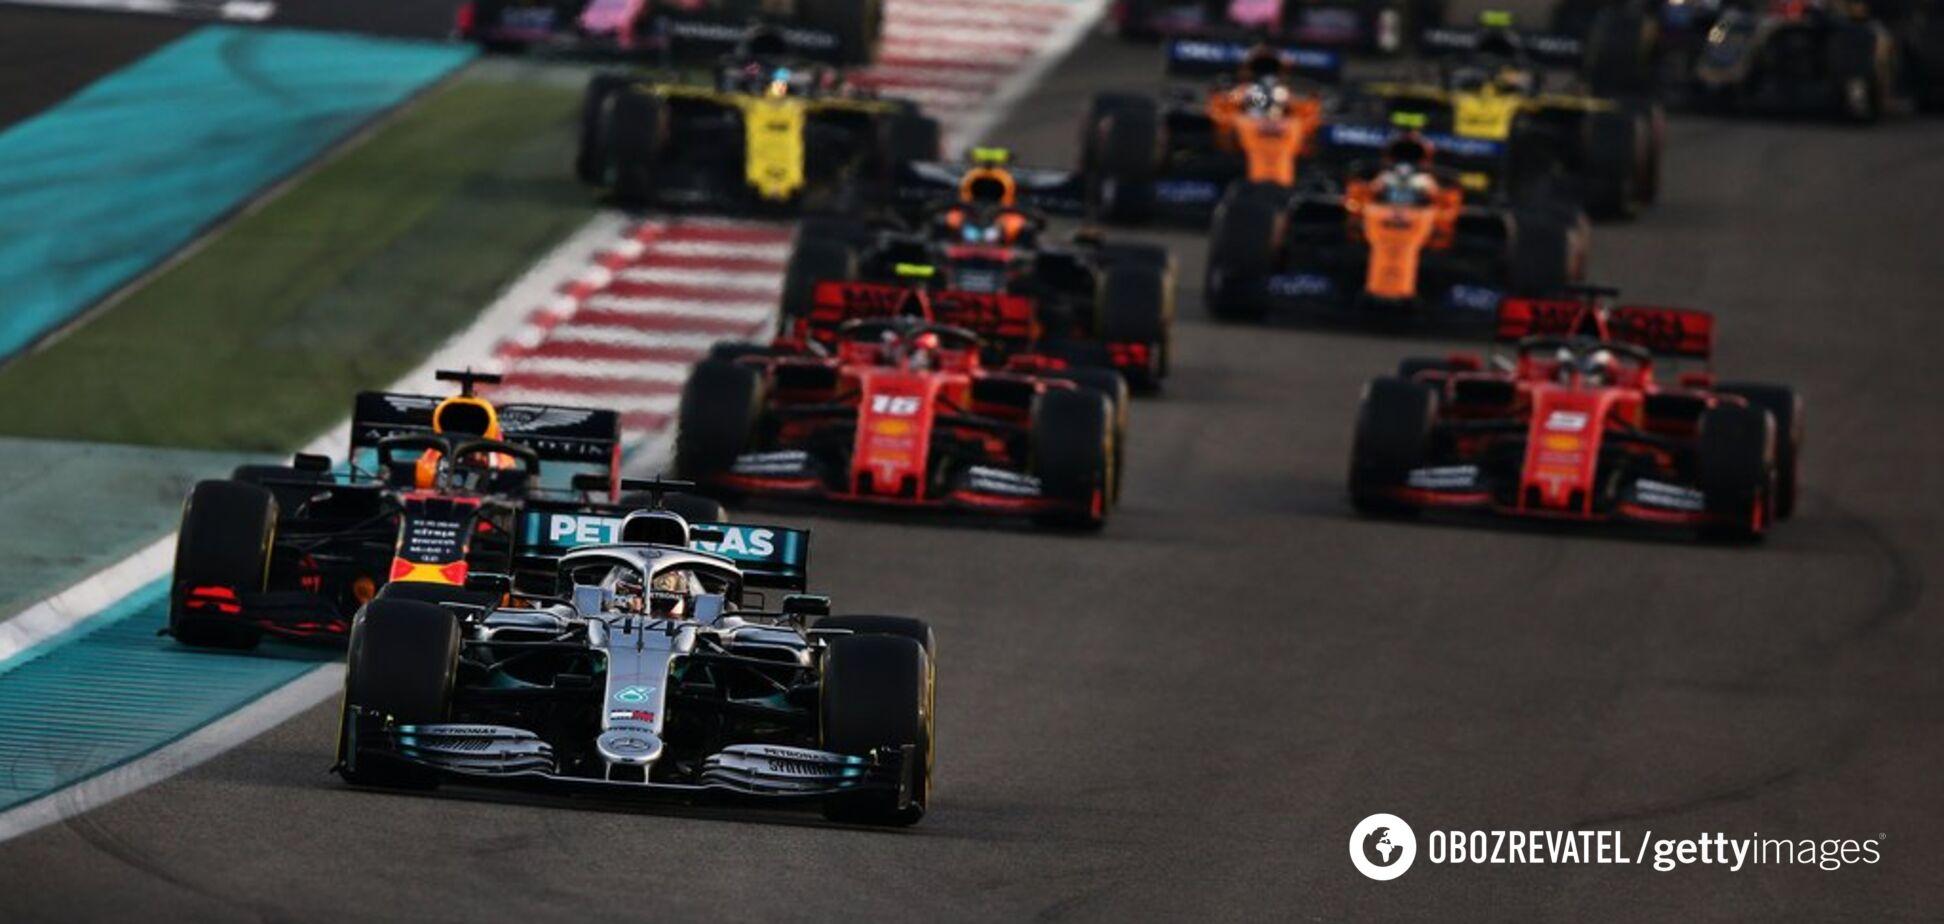 У Формулі-1 відбулася остання гонка сезону